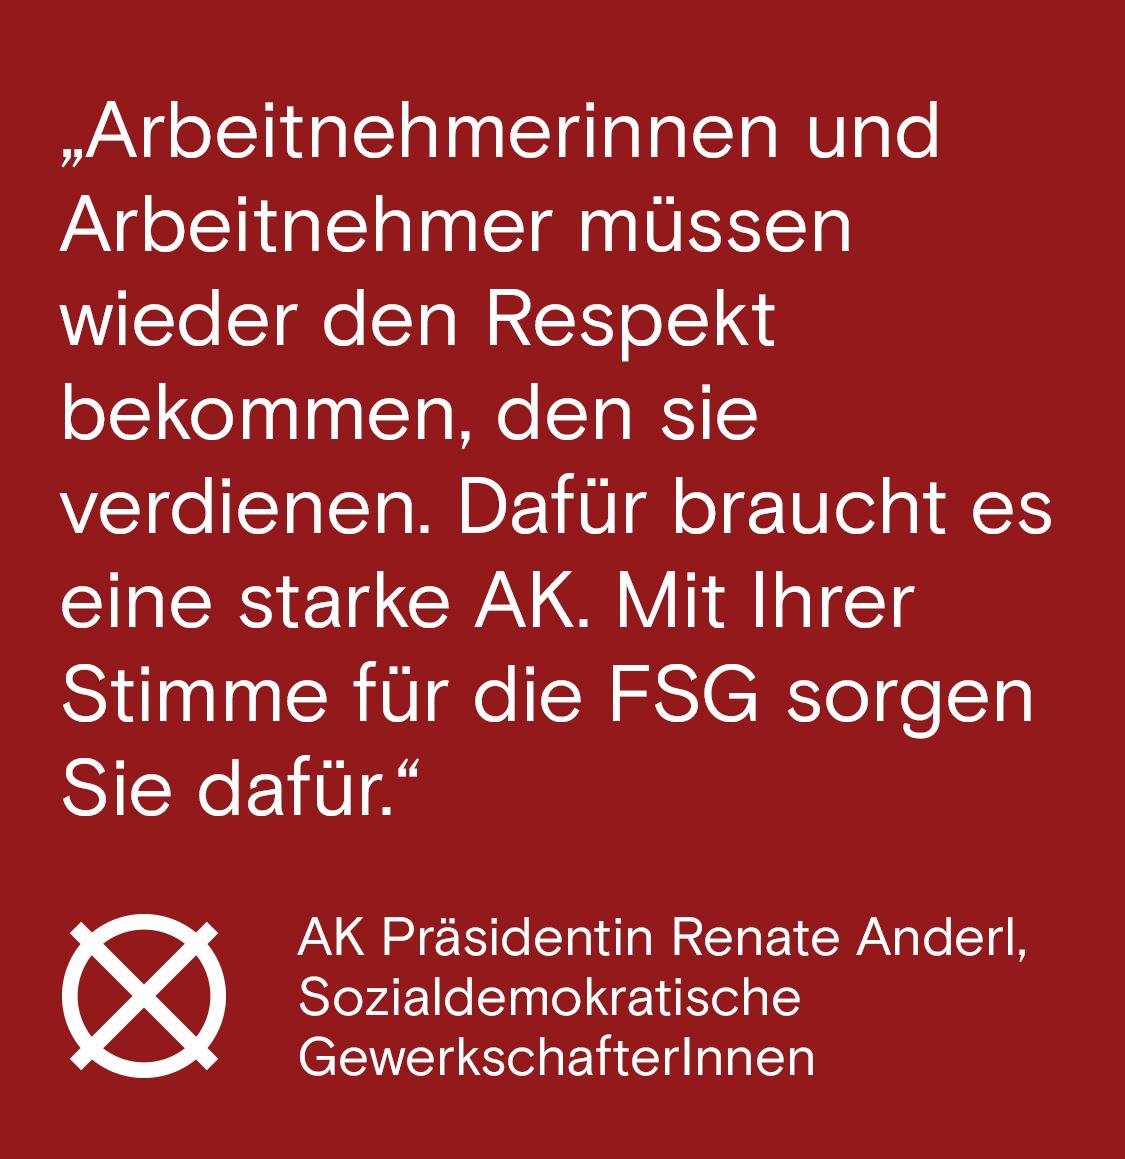 Arbeitnehmerinnen und Arbeitnehmer müssen wieder den Respekt bekommen, den sie verdienen. Dafür braucht es eine starke AK. Mit ihrer Stimme für die FSG sorgen Sie dafür. FSG AK Wien Wahl 2019 - Renate Anderl